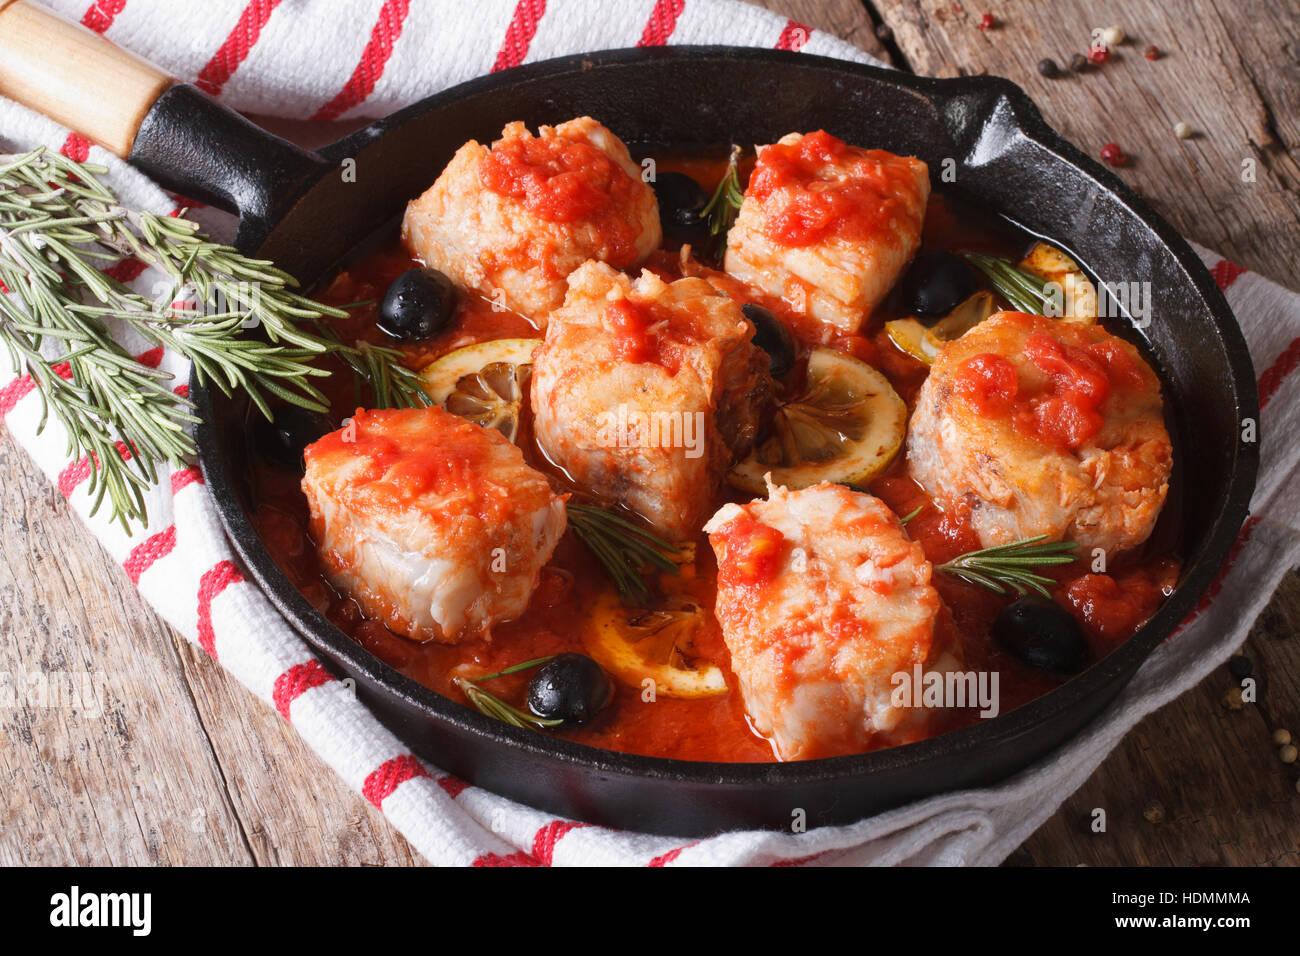 Filetto di pesce in salsa di pomodoro in una padella e gli ingredienti sul tavolo orizzontale. Immagini Stock